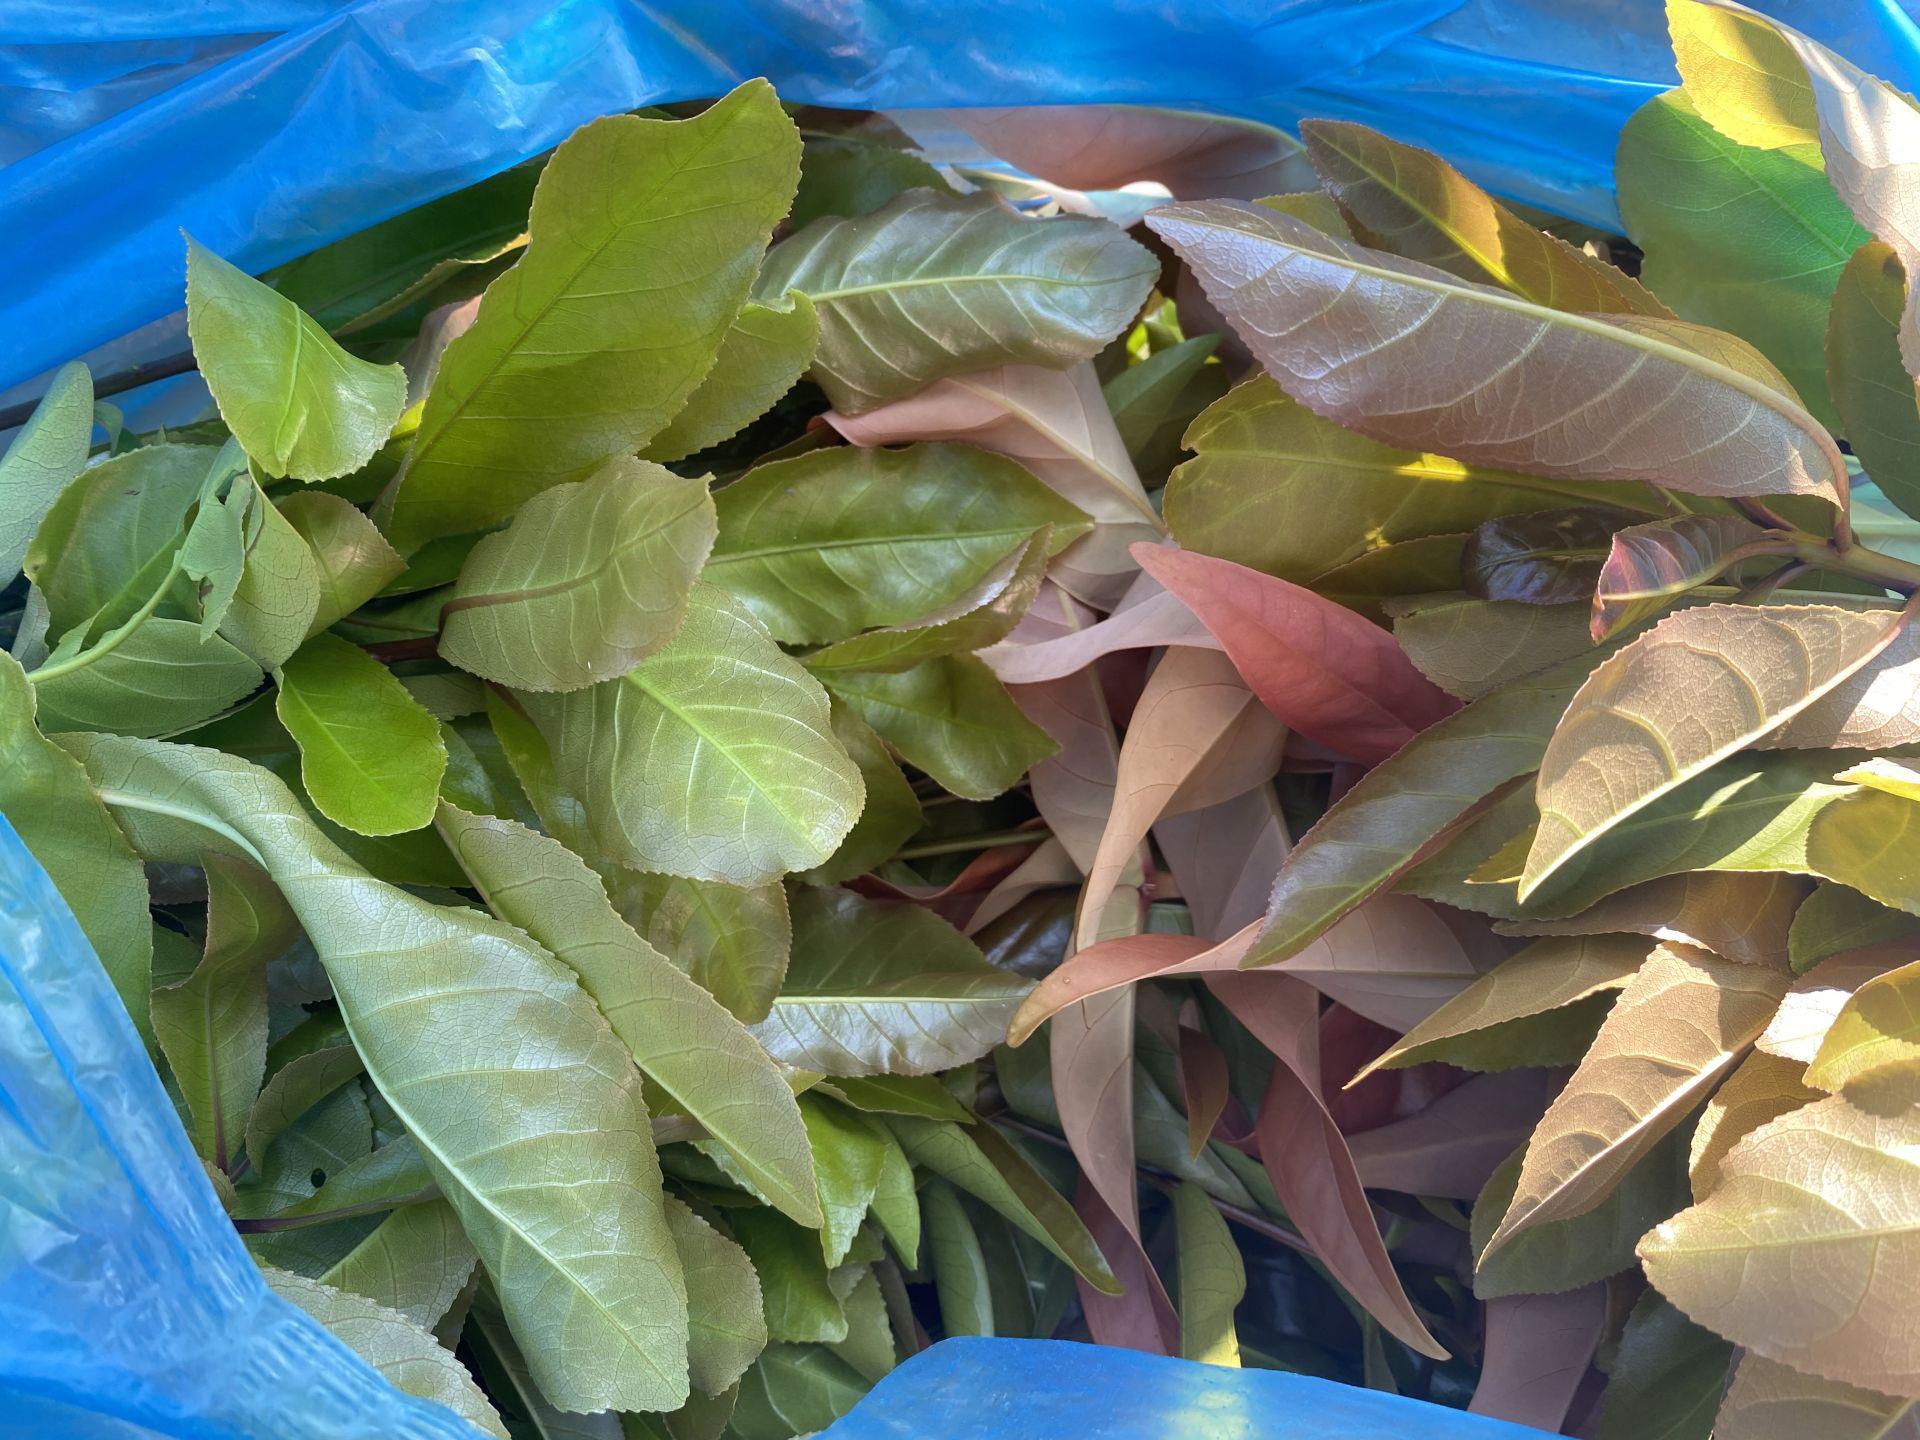 Tây Ninh: Đem thứ cây rừng về vườn trồng như rau, nhà hàng, siêu thị đăt mua tới tấp, nông dân ở đây đổi đời - Ảnh 5.